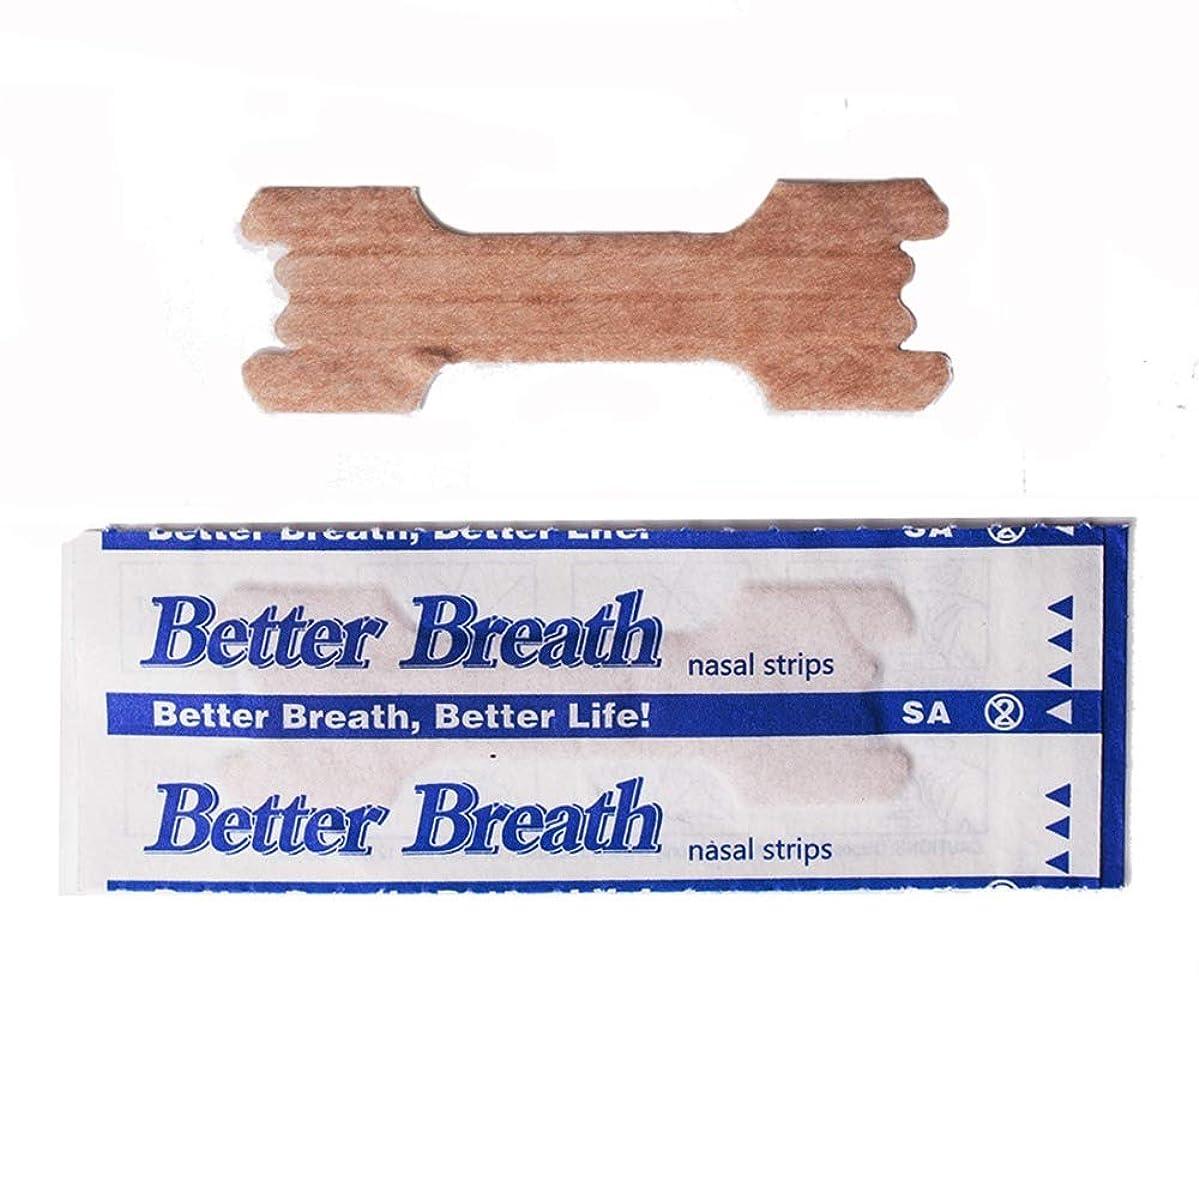 故意の艶リマNOTE 50個/ロットより良い呼吸アンチいびきパッチ睡眠&いびきをかき立てるための正しいいびき鼻のストリップは睡眠製品を改善します